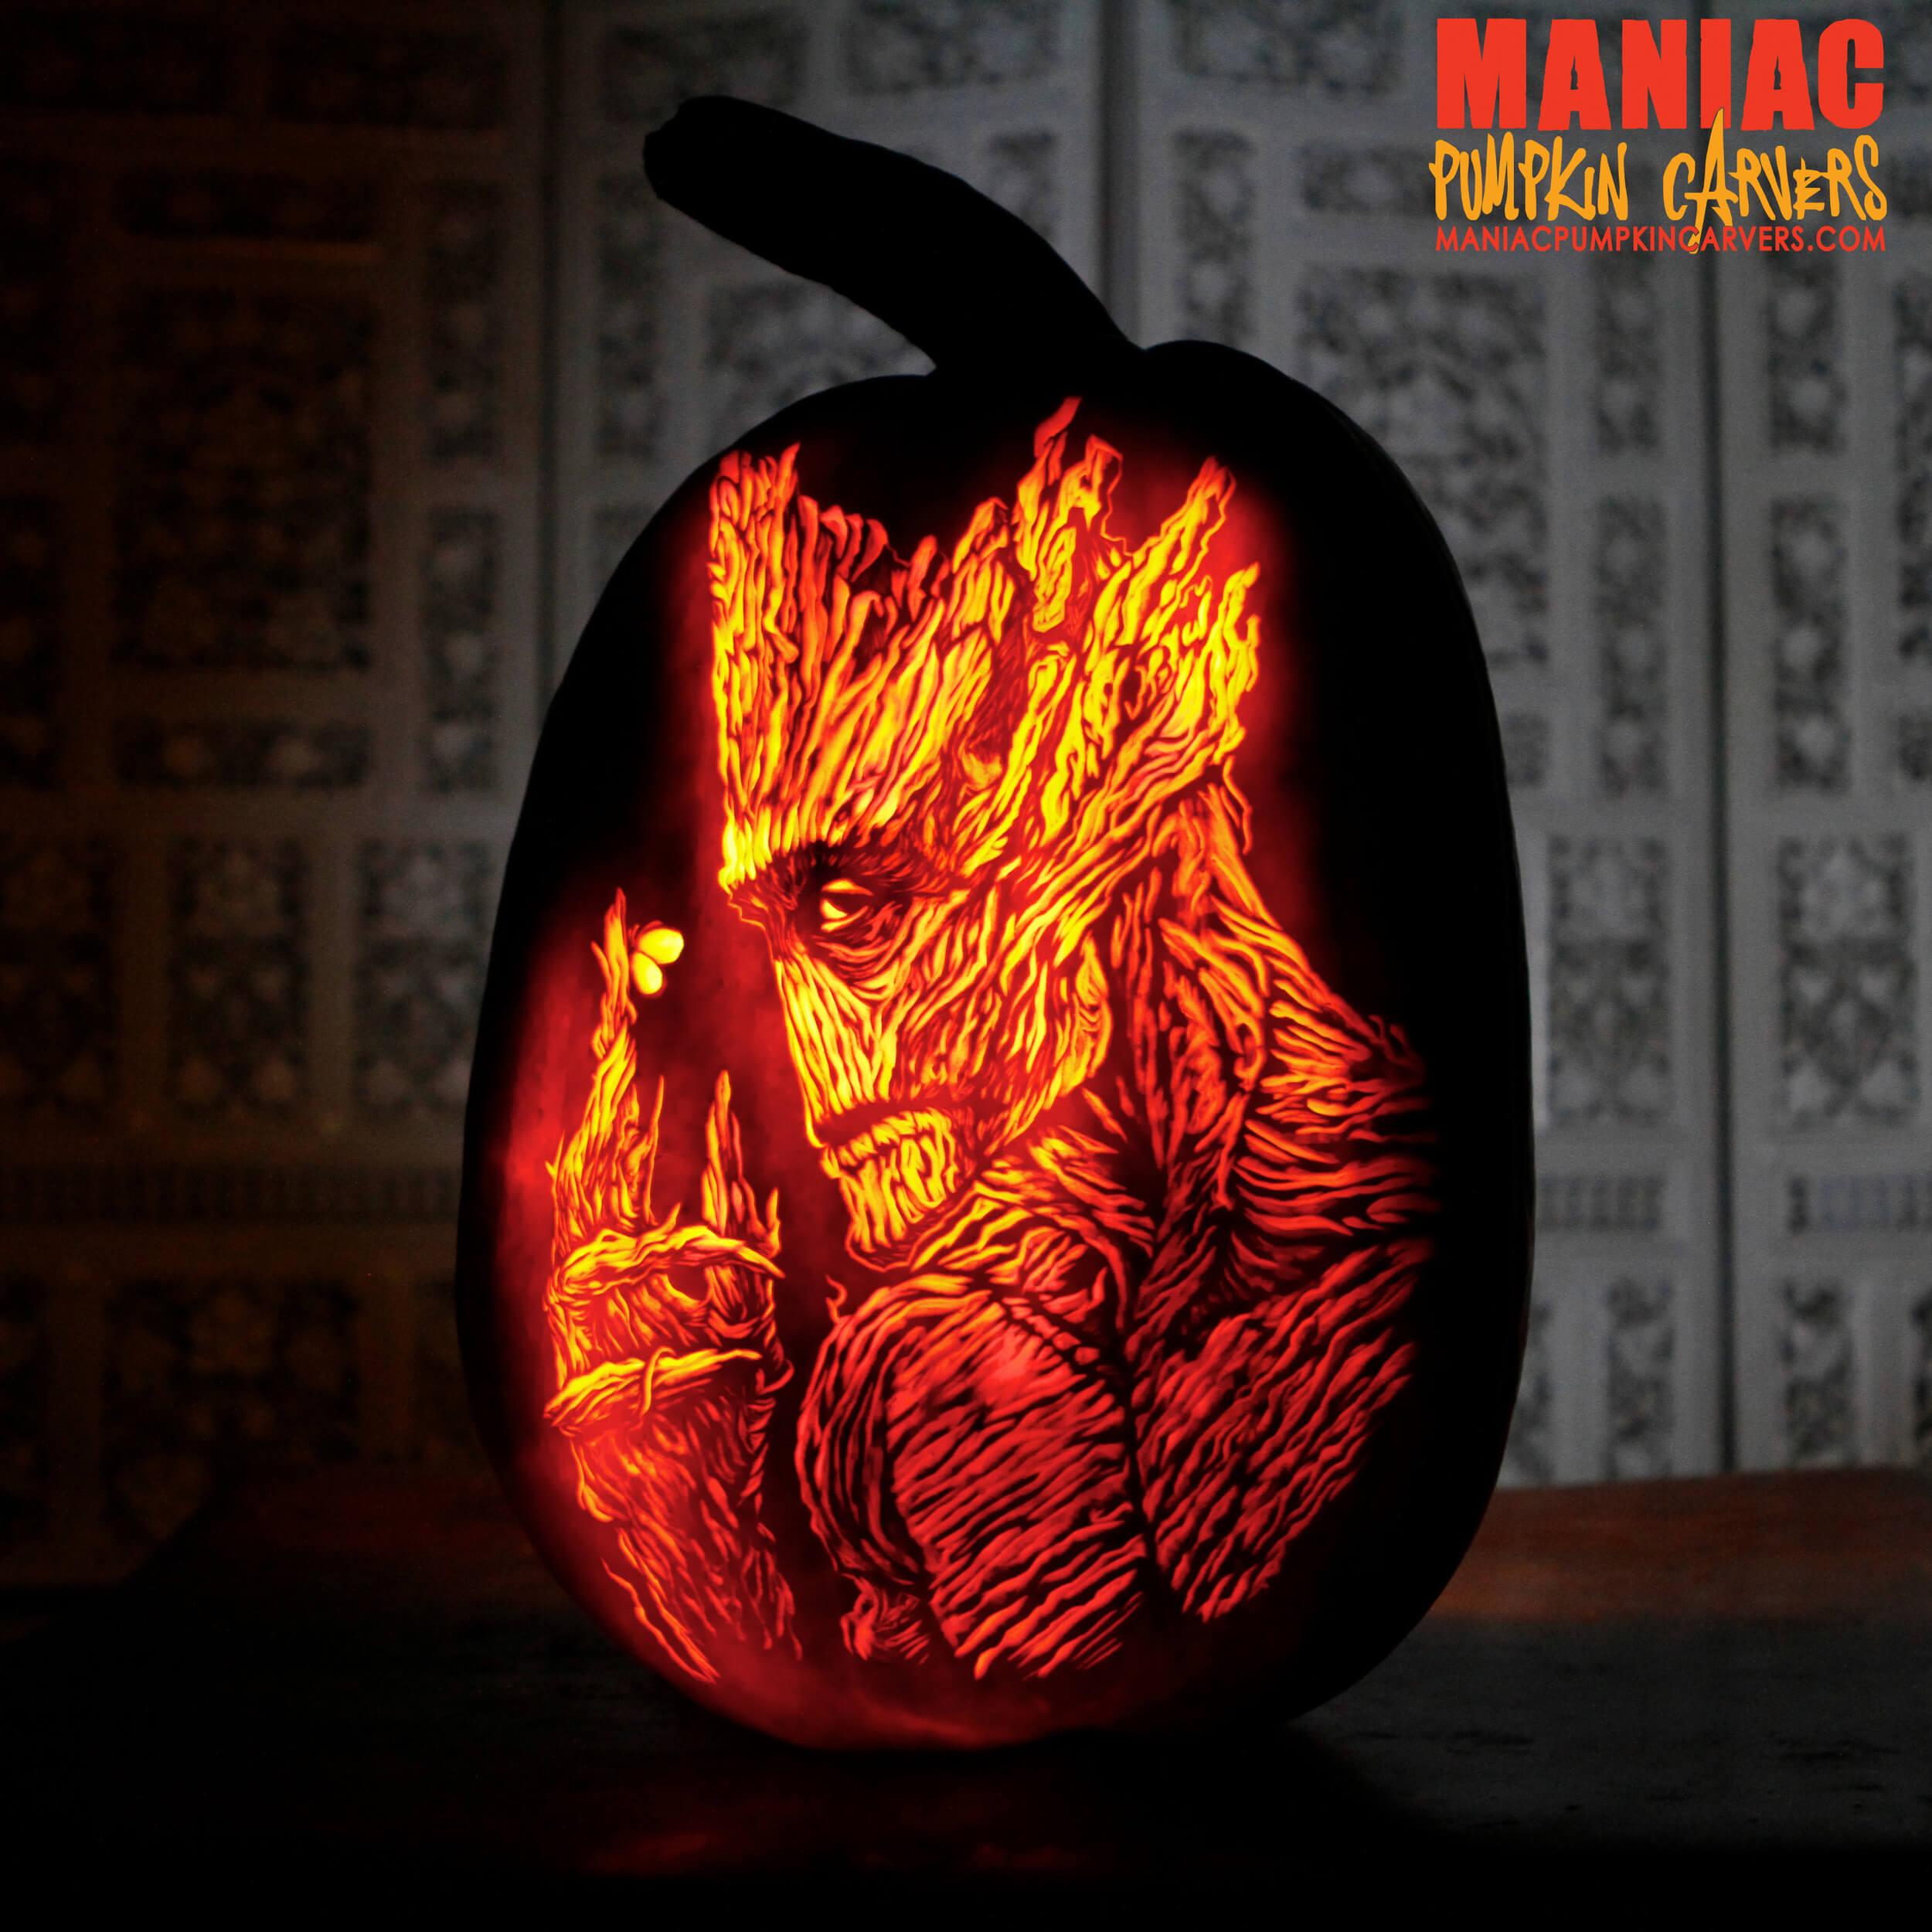 Groot by Marc Evan